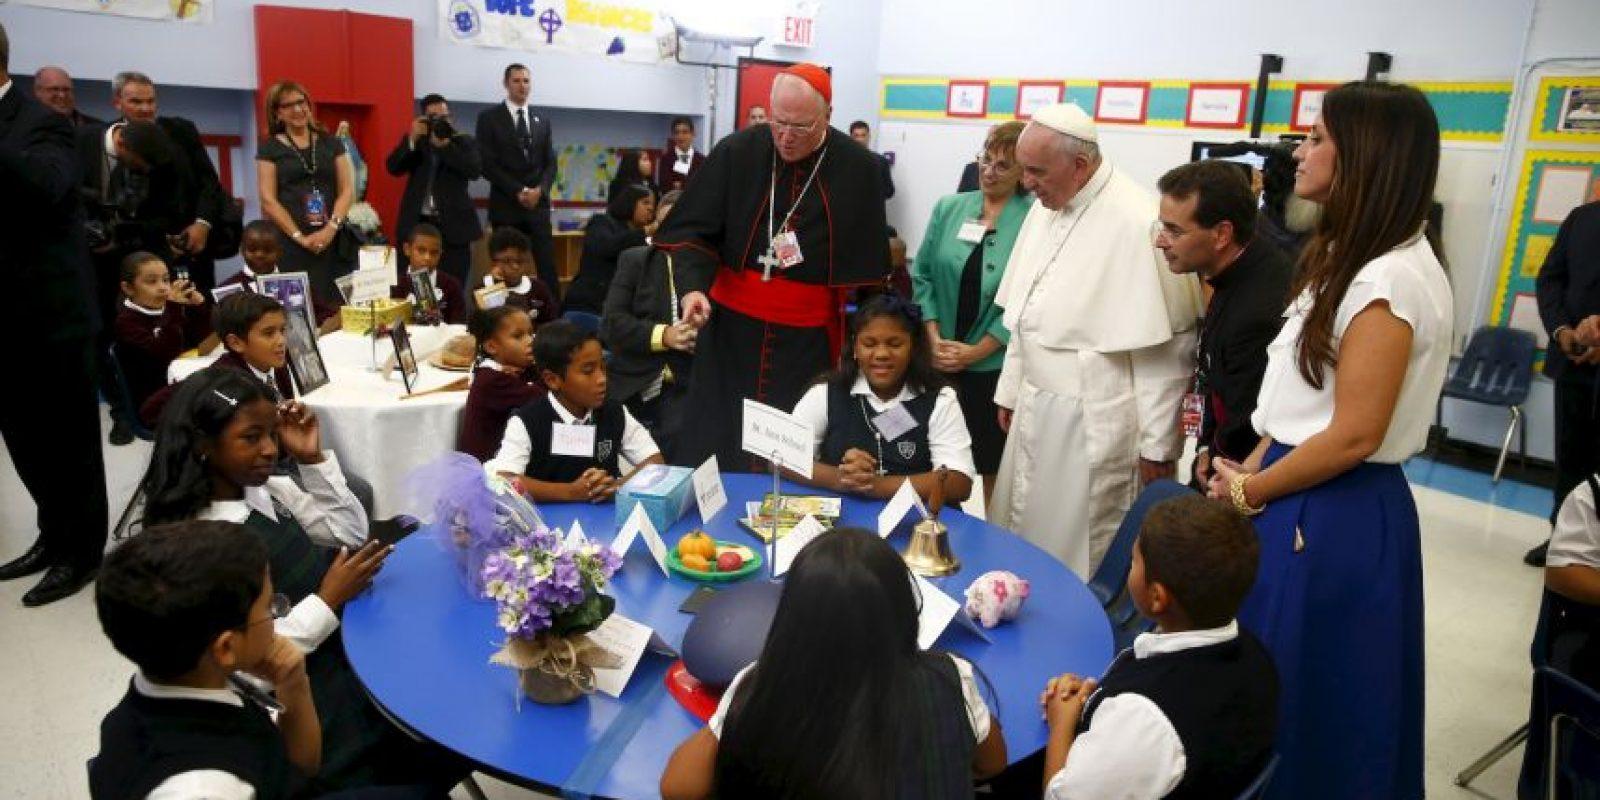 Los niños ponían atención a lo que el pontífice decía. Foto:AFP